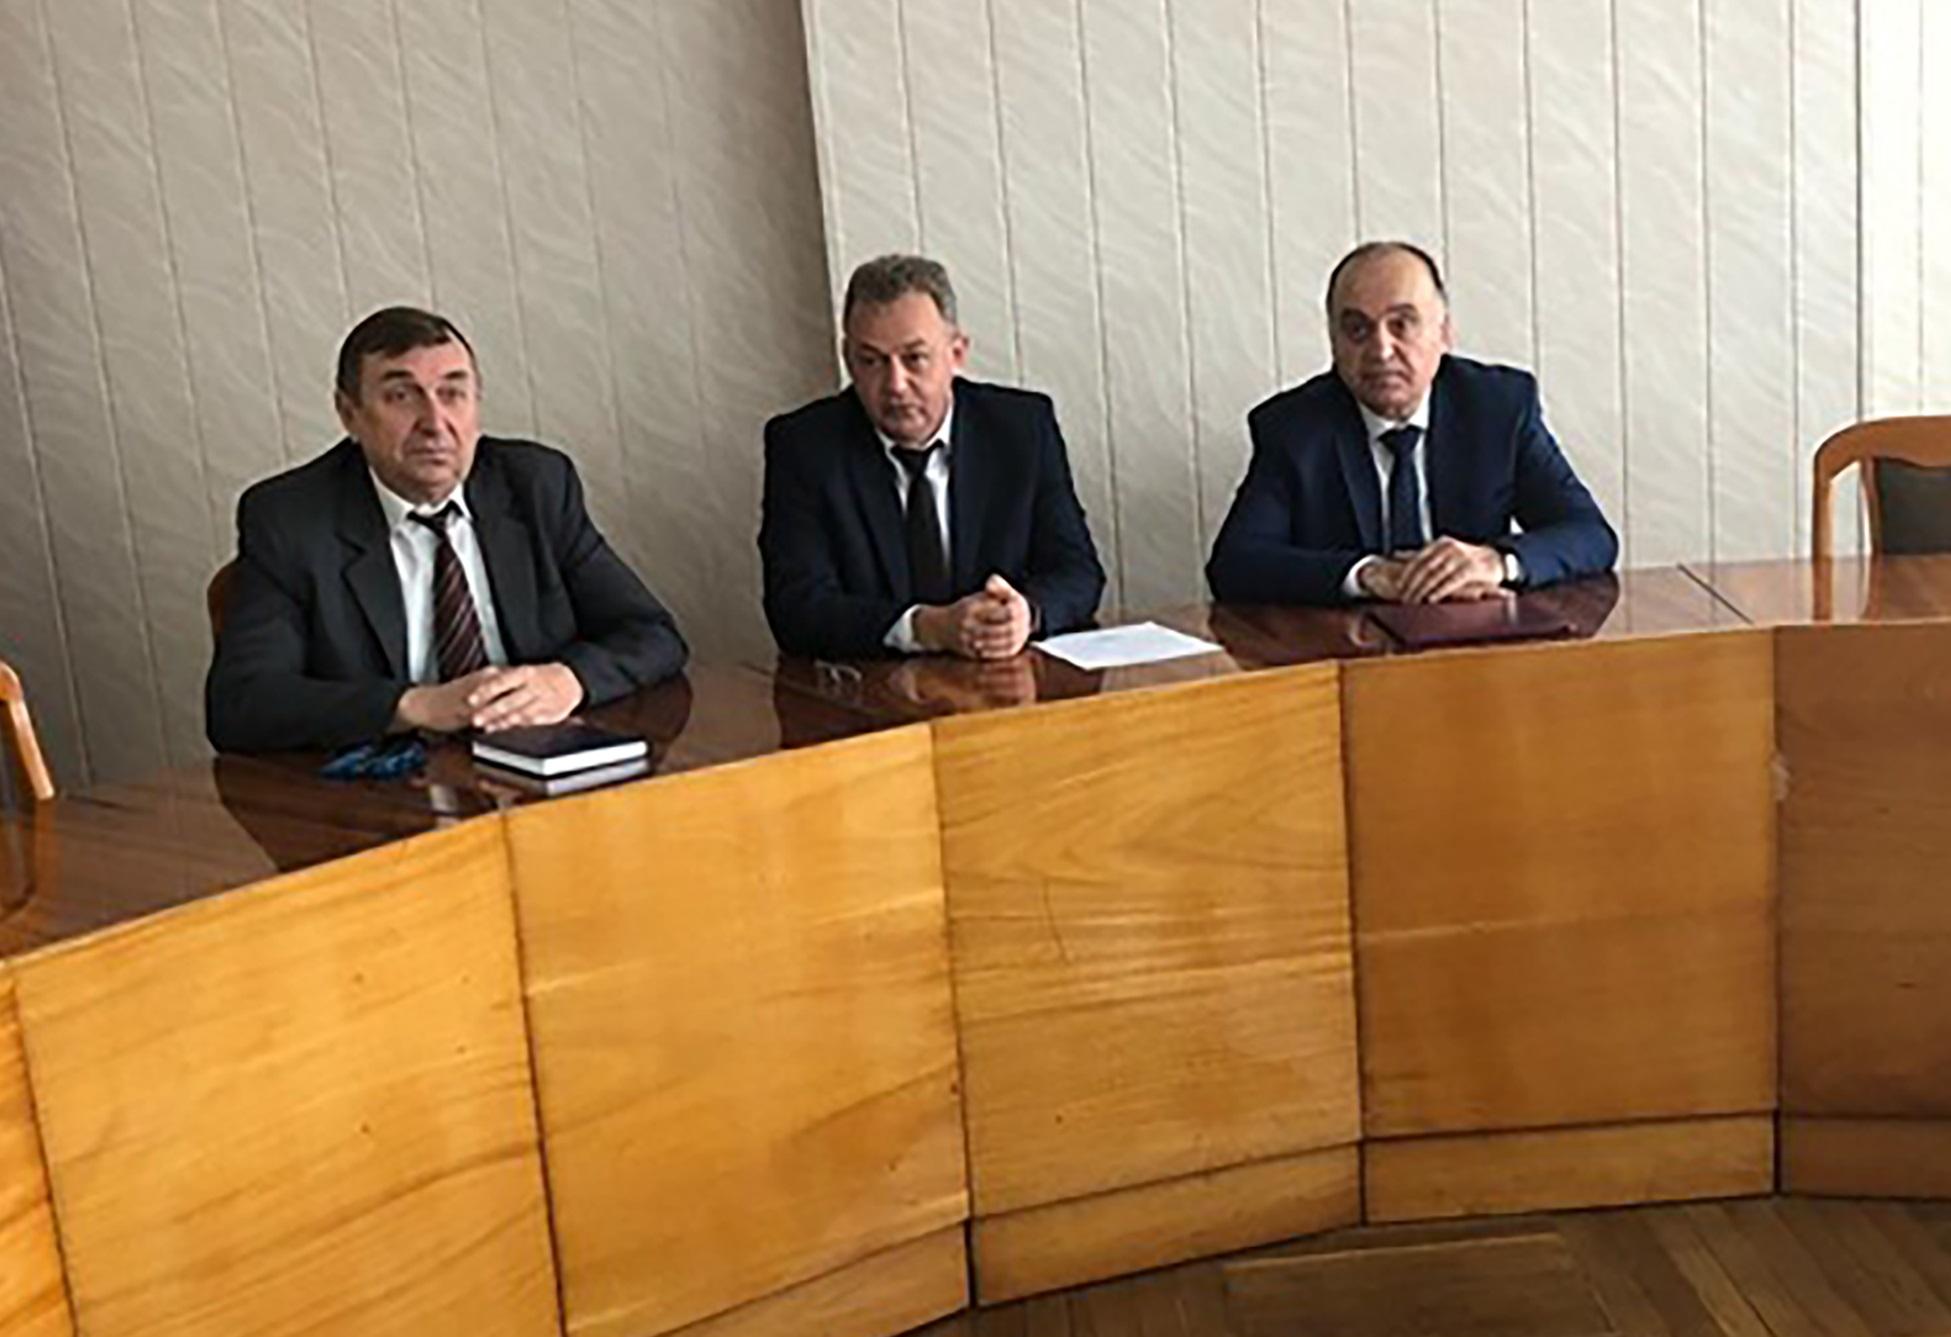 Хотелось бы чтобы жители Зеленчукского района отнеслись с пониманием и ответственностью